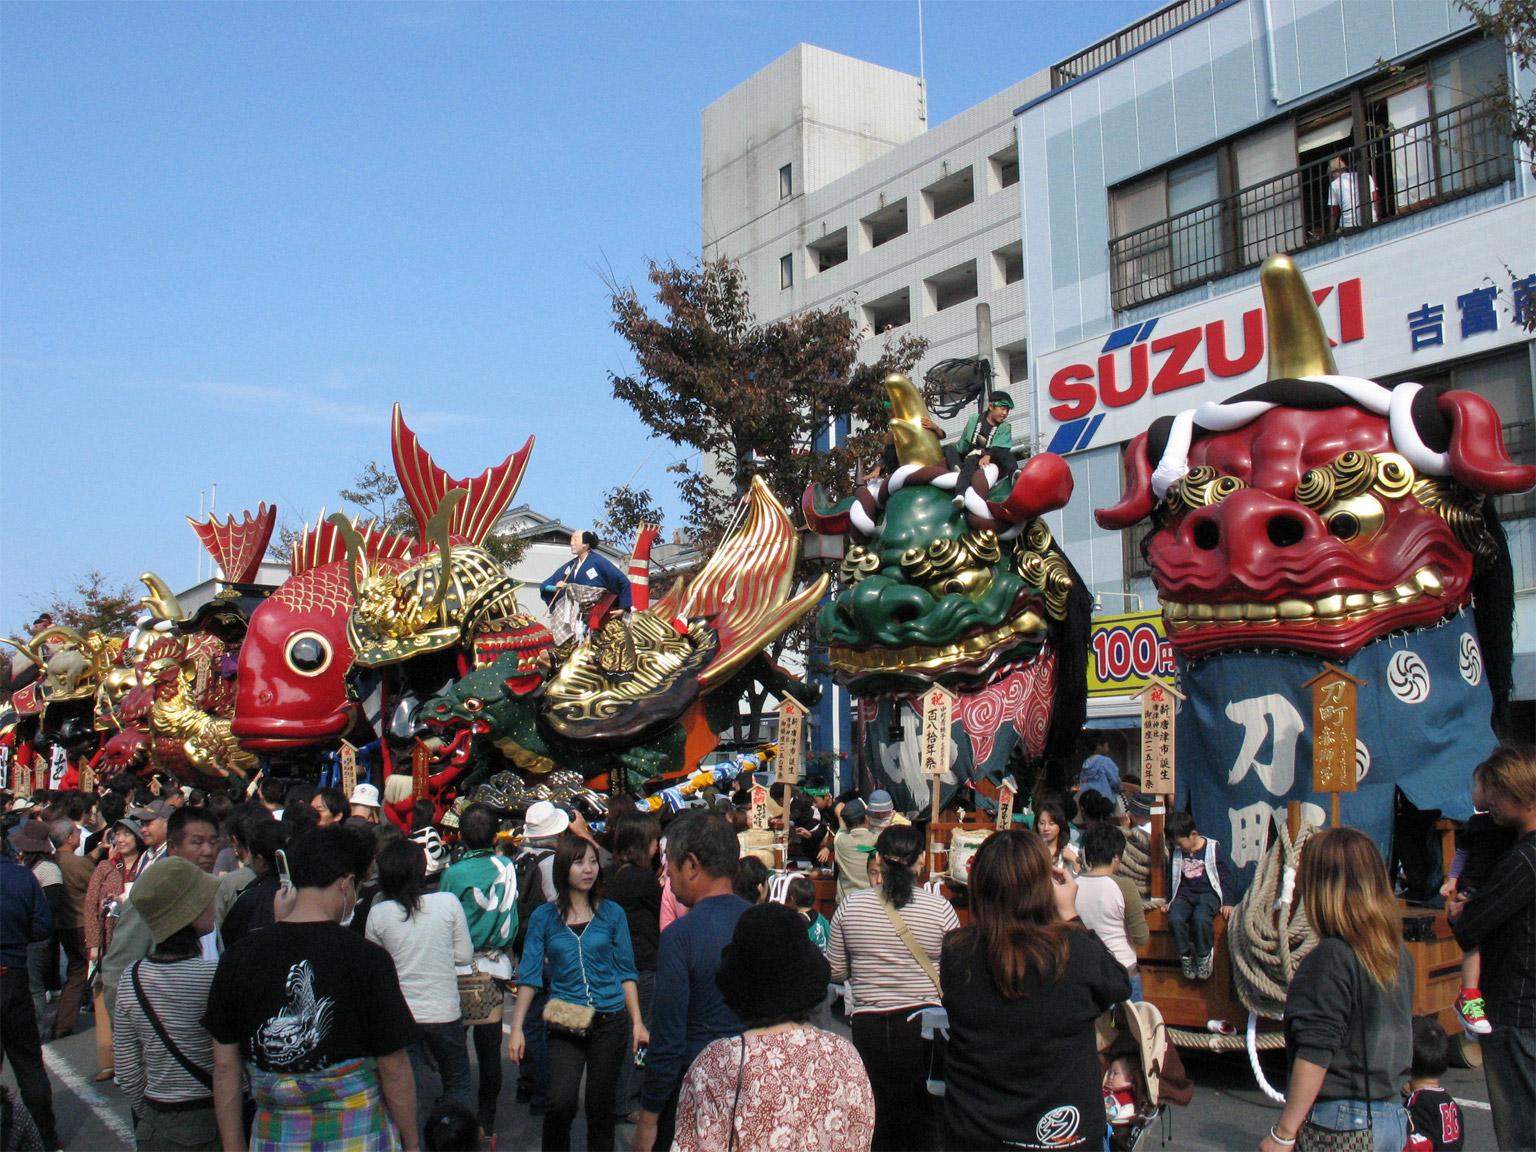 Beim Karatsu Kunchi Festival in Hikiyama werden riesige Festwagen in Form von Tieren und Sagengestalten zum Strand gezogen. (Foto: MC MasterChef auf Wikimedia Commons https://commons.wikimedia.org/wiki/Karatsu_Kunchi#/media/File:Hikiyama.jpg CC BY-SA 2.5)